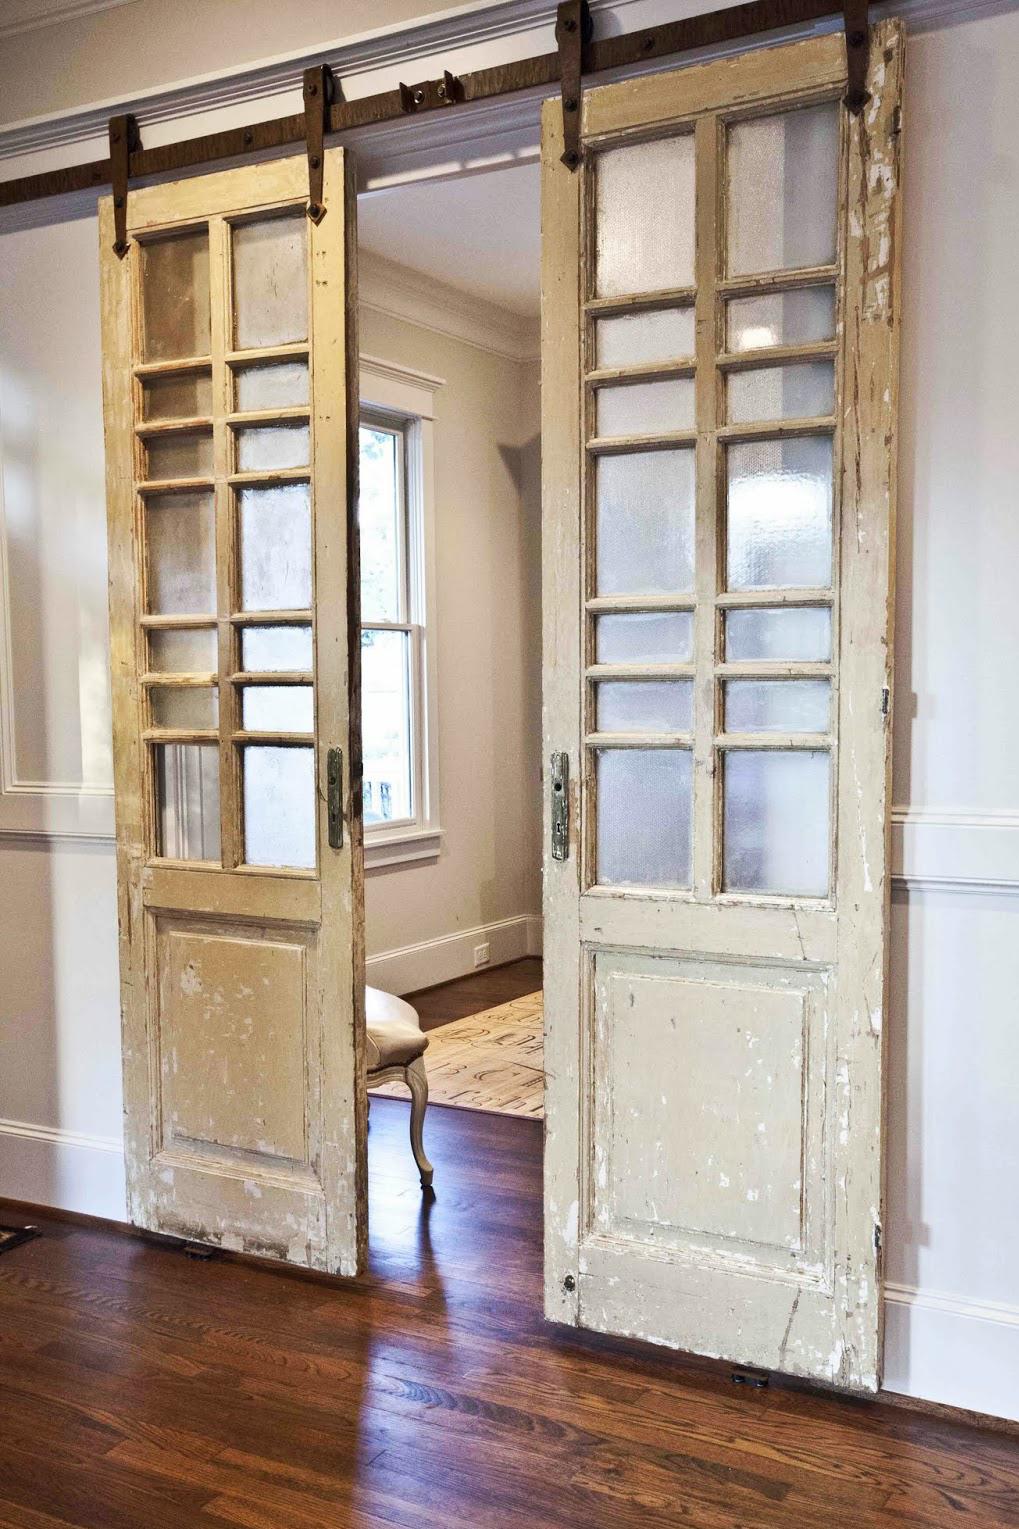 Interior door hardware trends how to build pocket doors for Interior door hardware trends